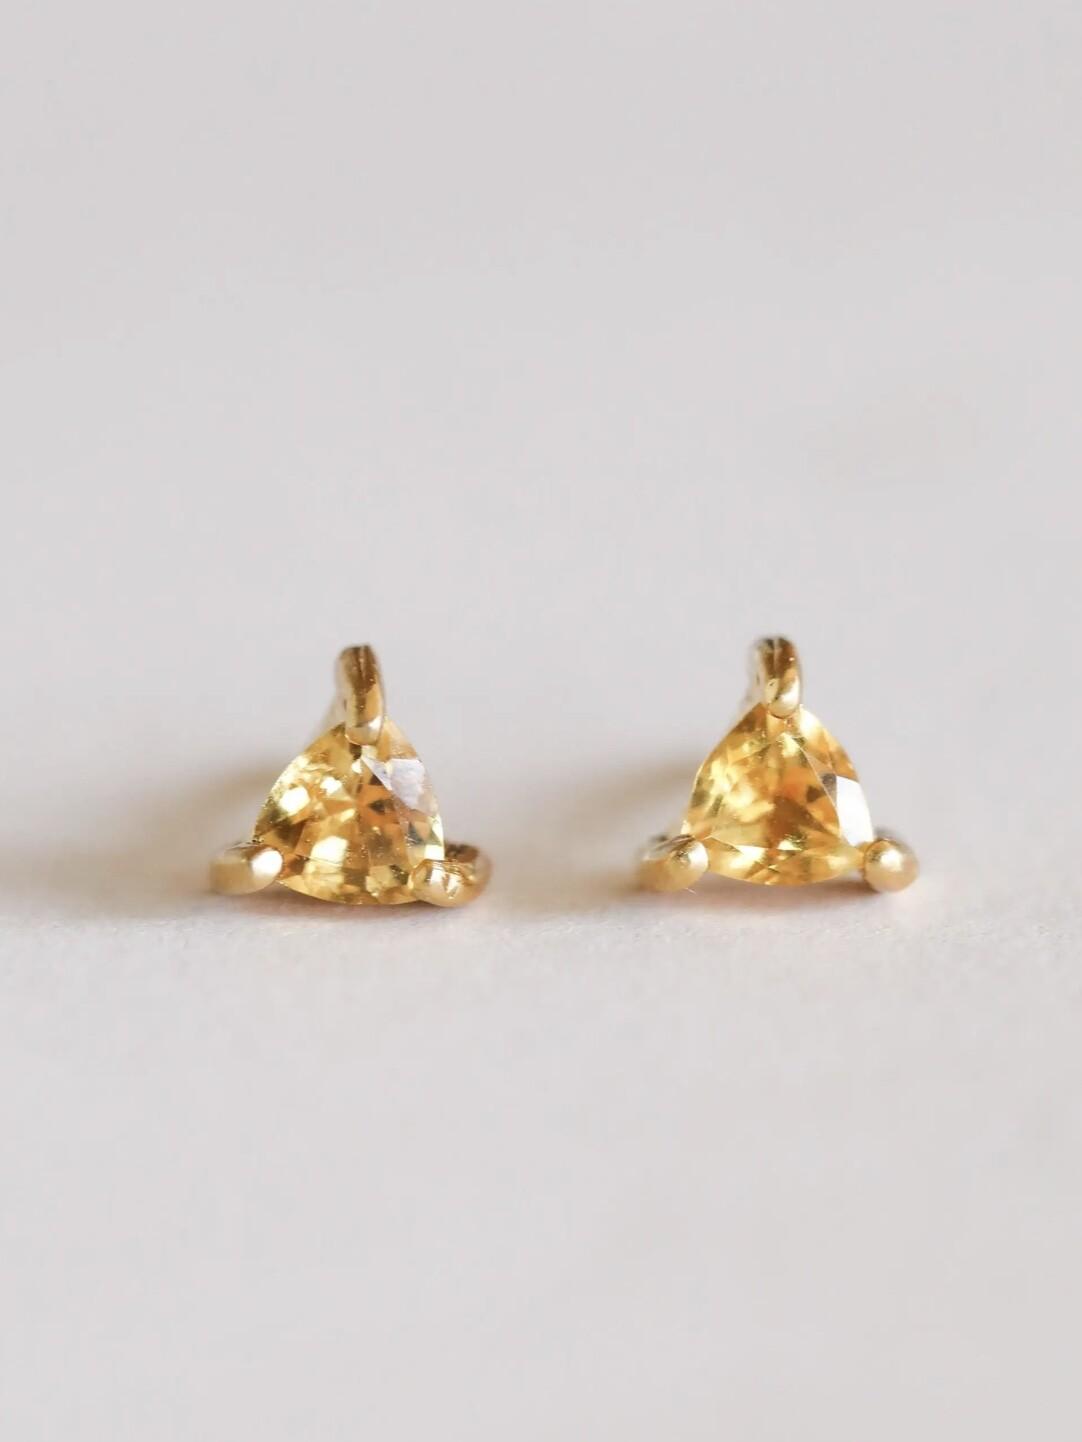 Citrine Mini Energy Gem Posts - 18k Gold Over Silver - JK57